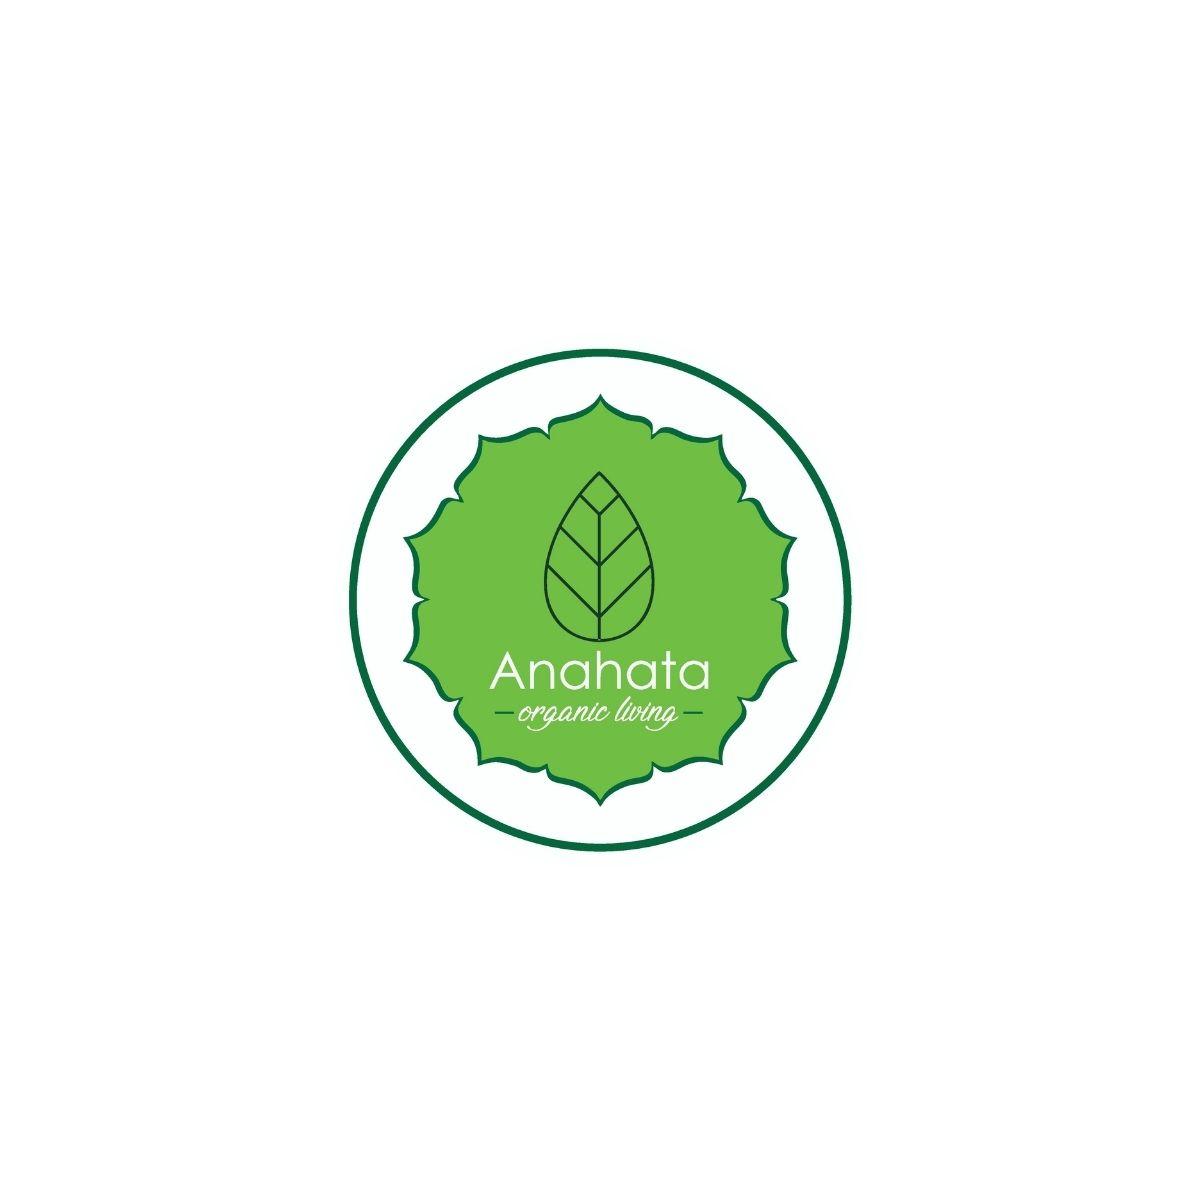 Kamicka Organic Products Pvt Ltd